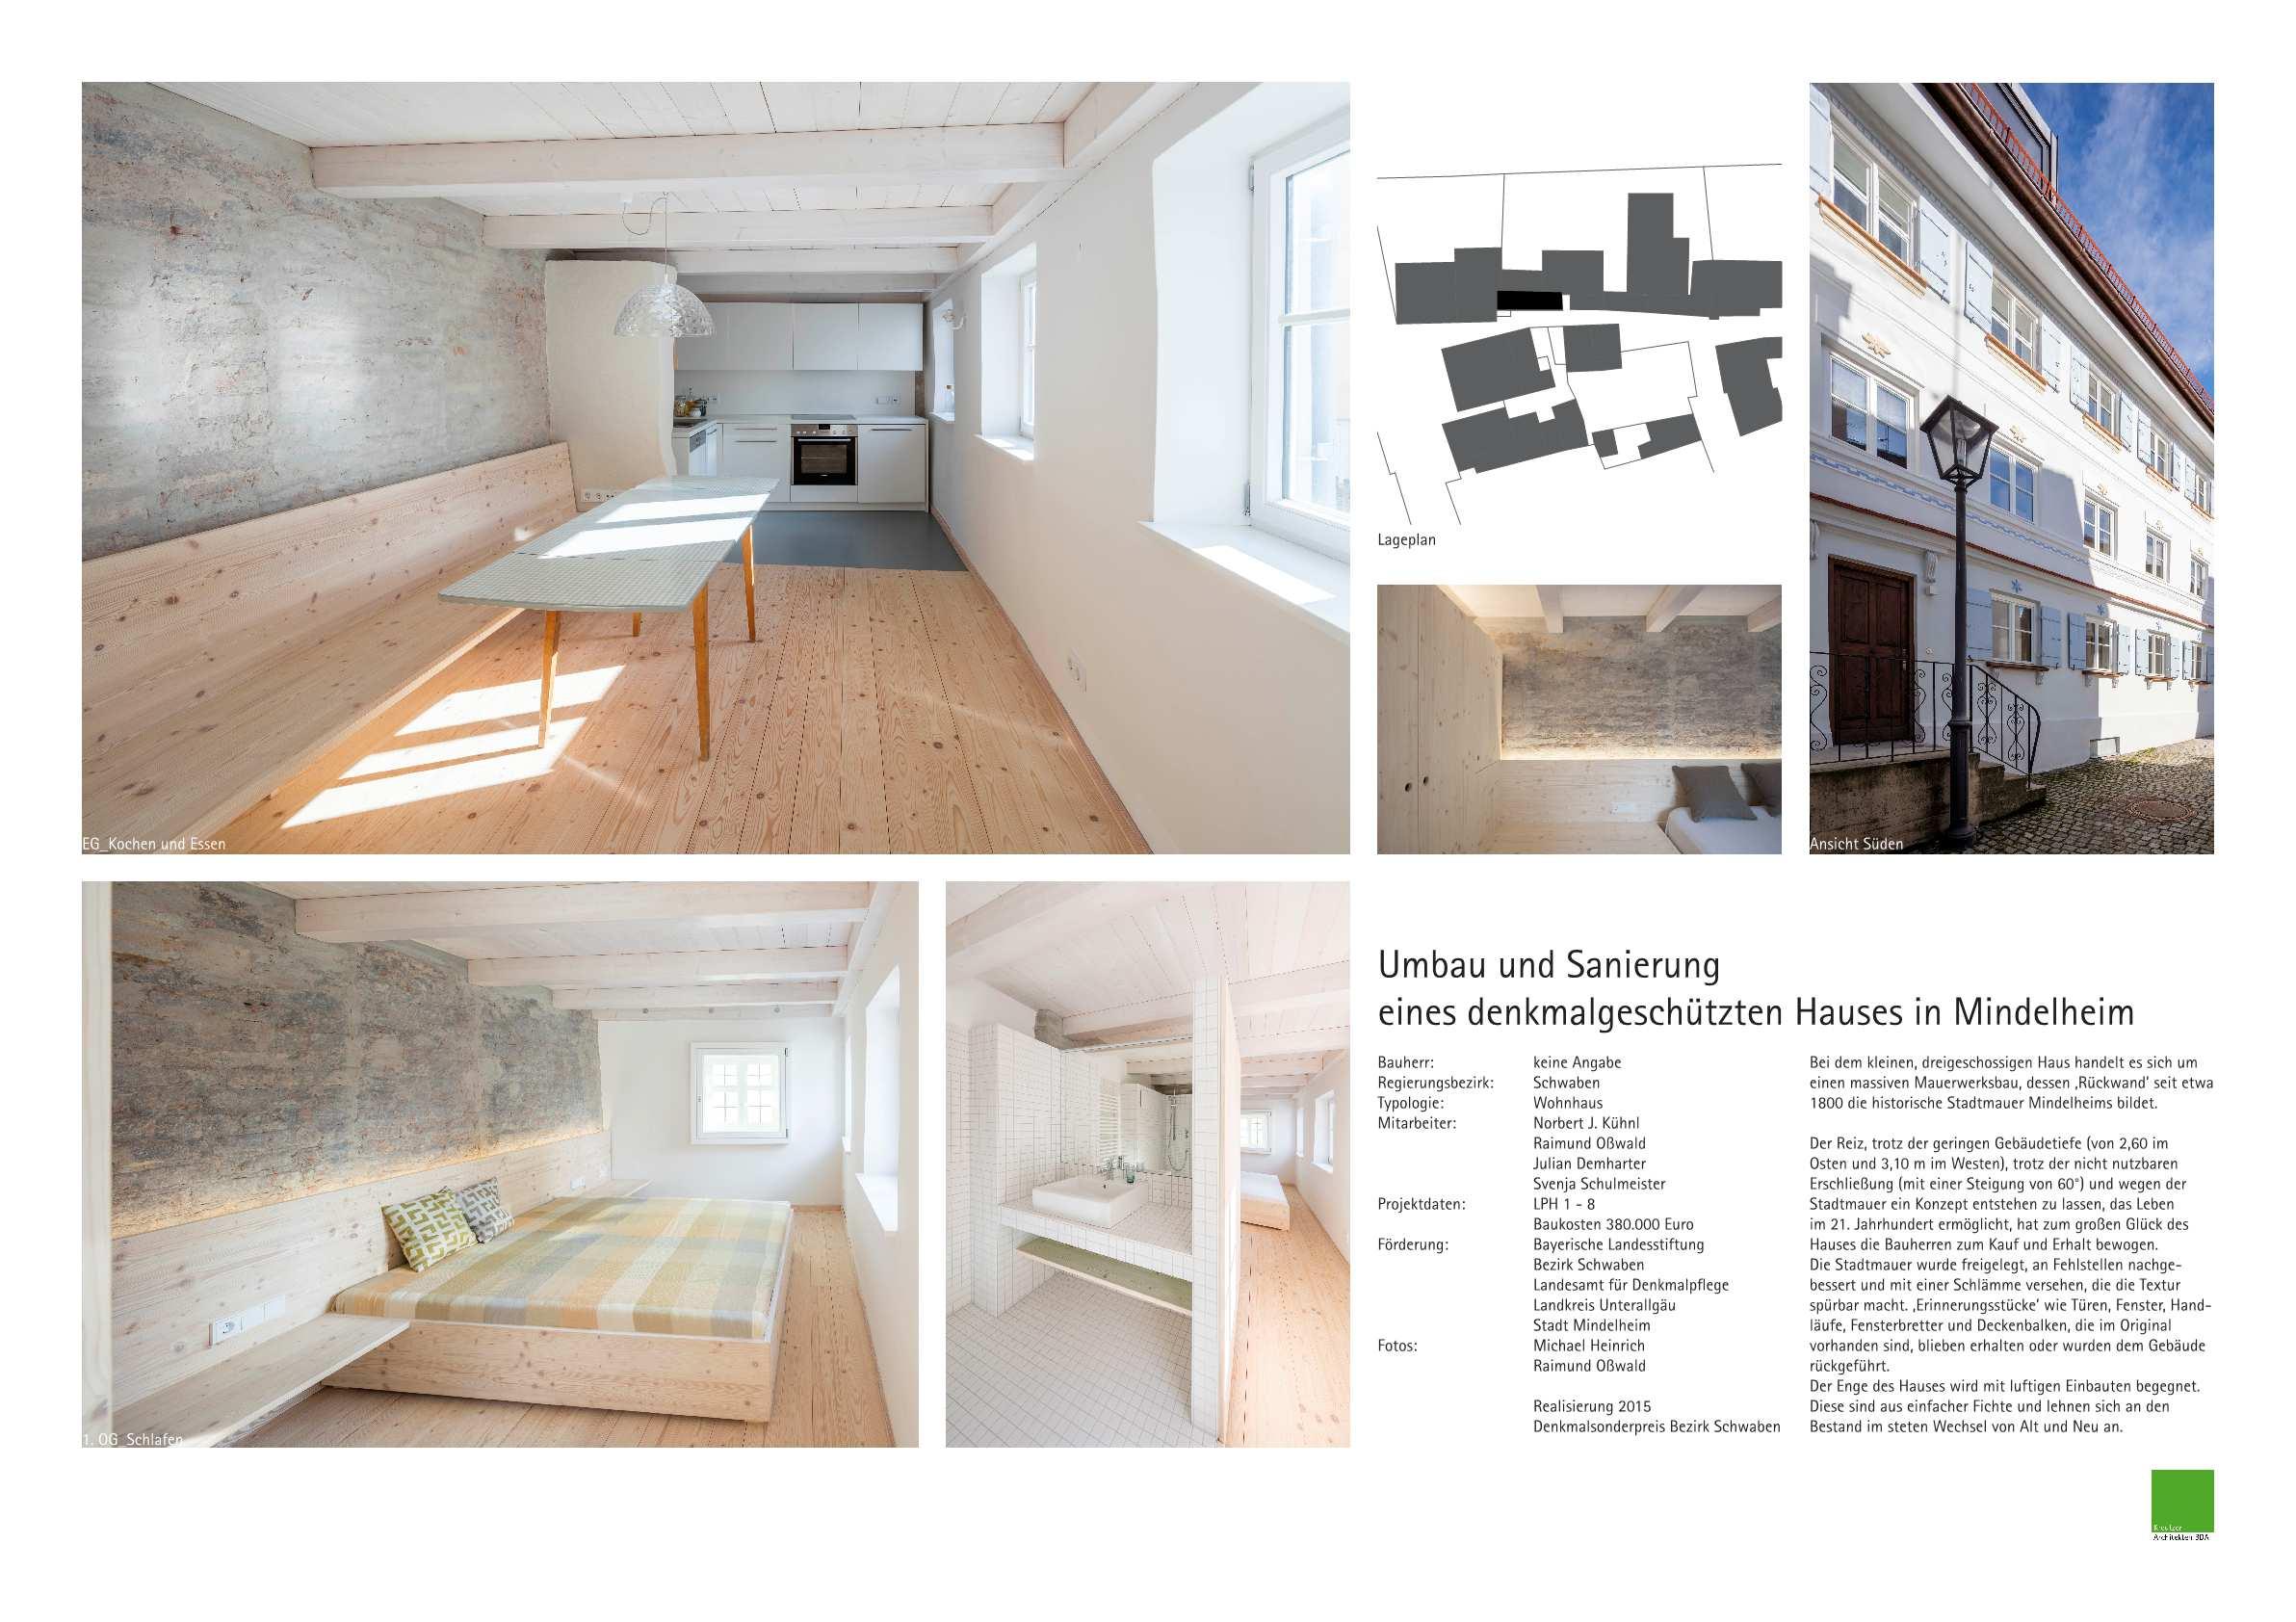 Umbau Und Sanierung Eines Denkmalgeschutzten Hauses In Mindelheim